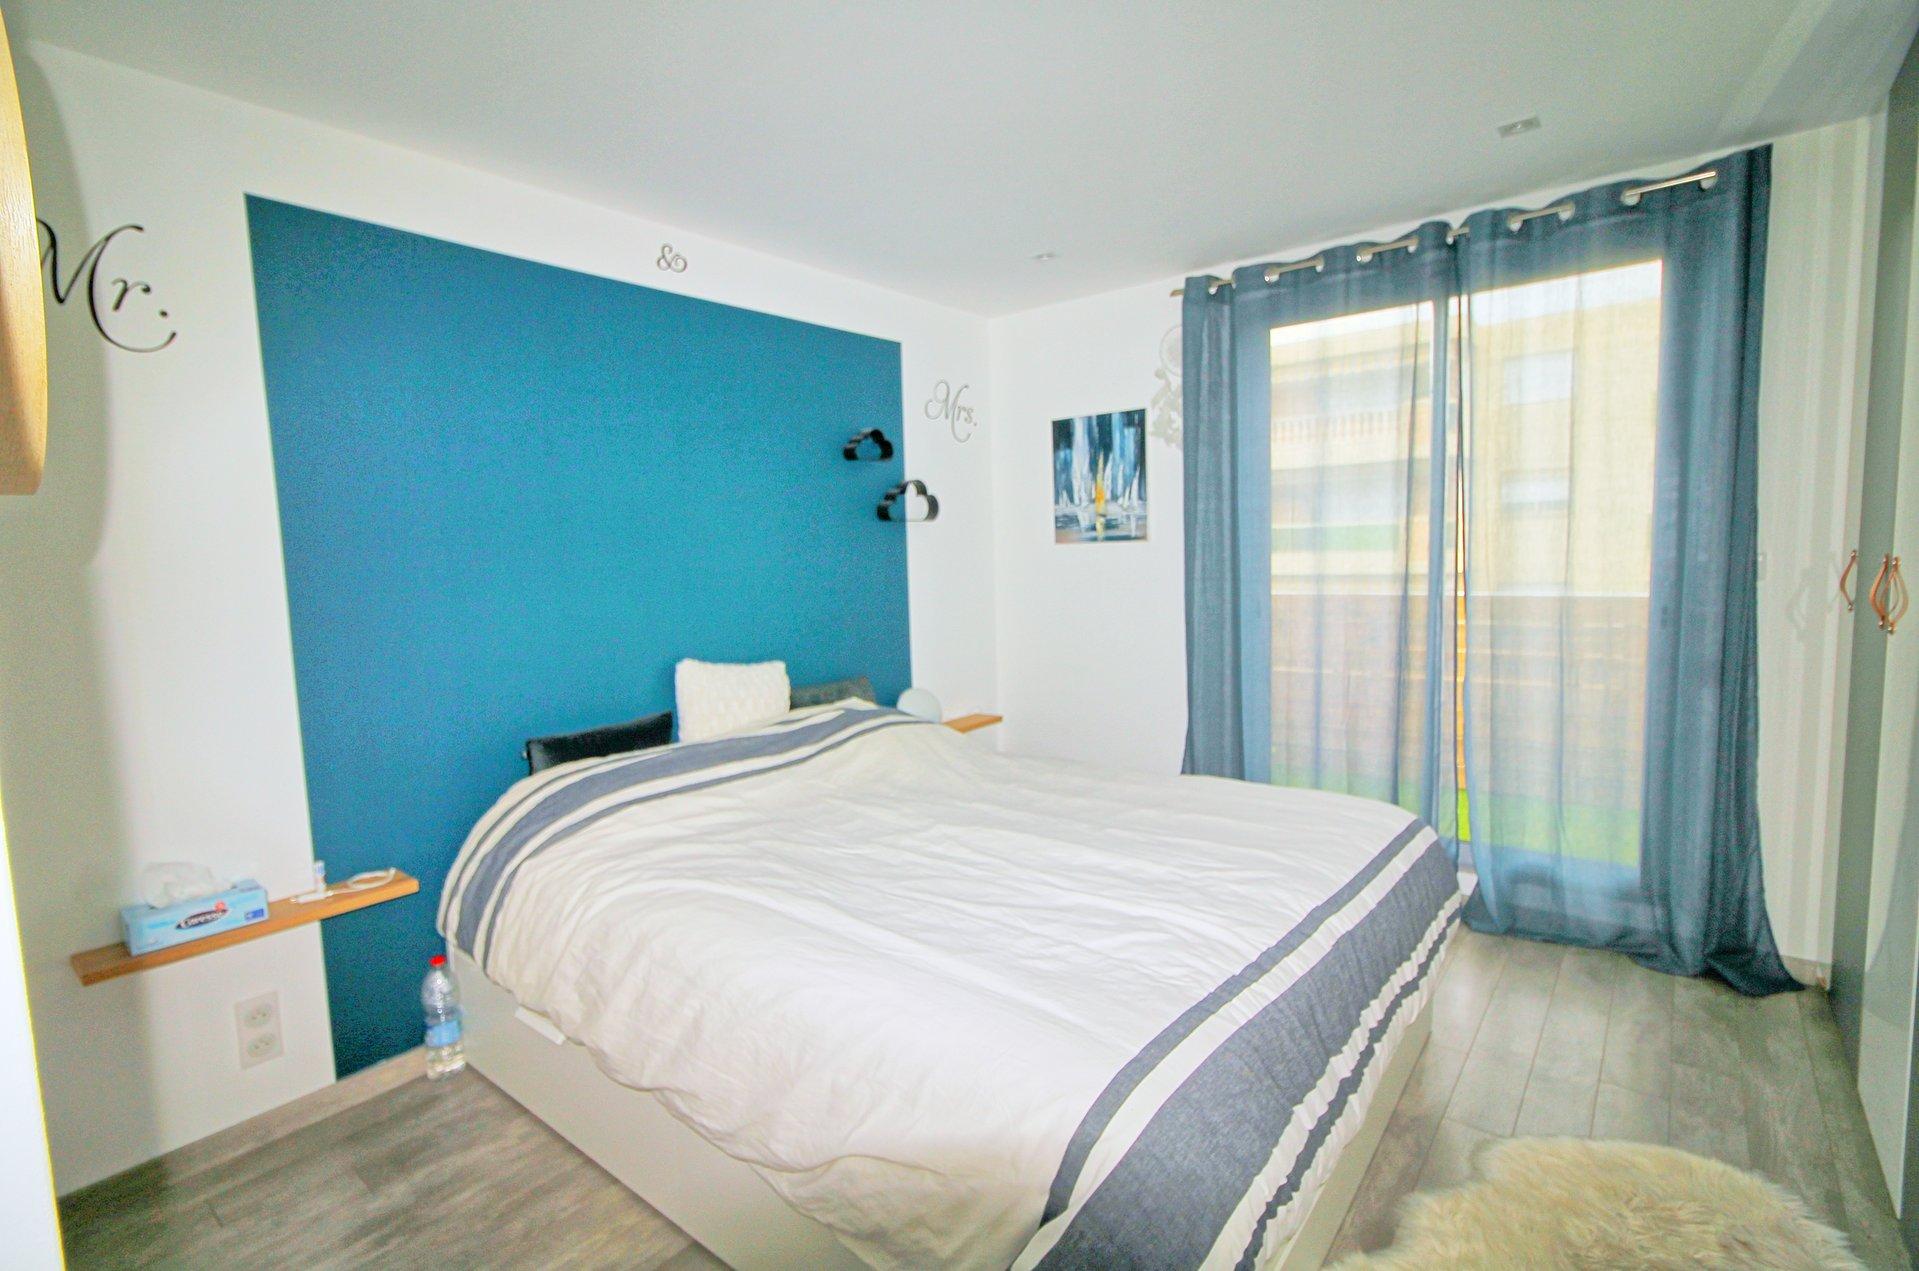 appartement, balcon, vespins, st laurent, routes des vespins, acheter